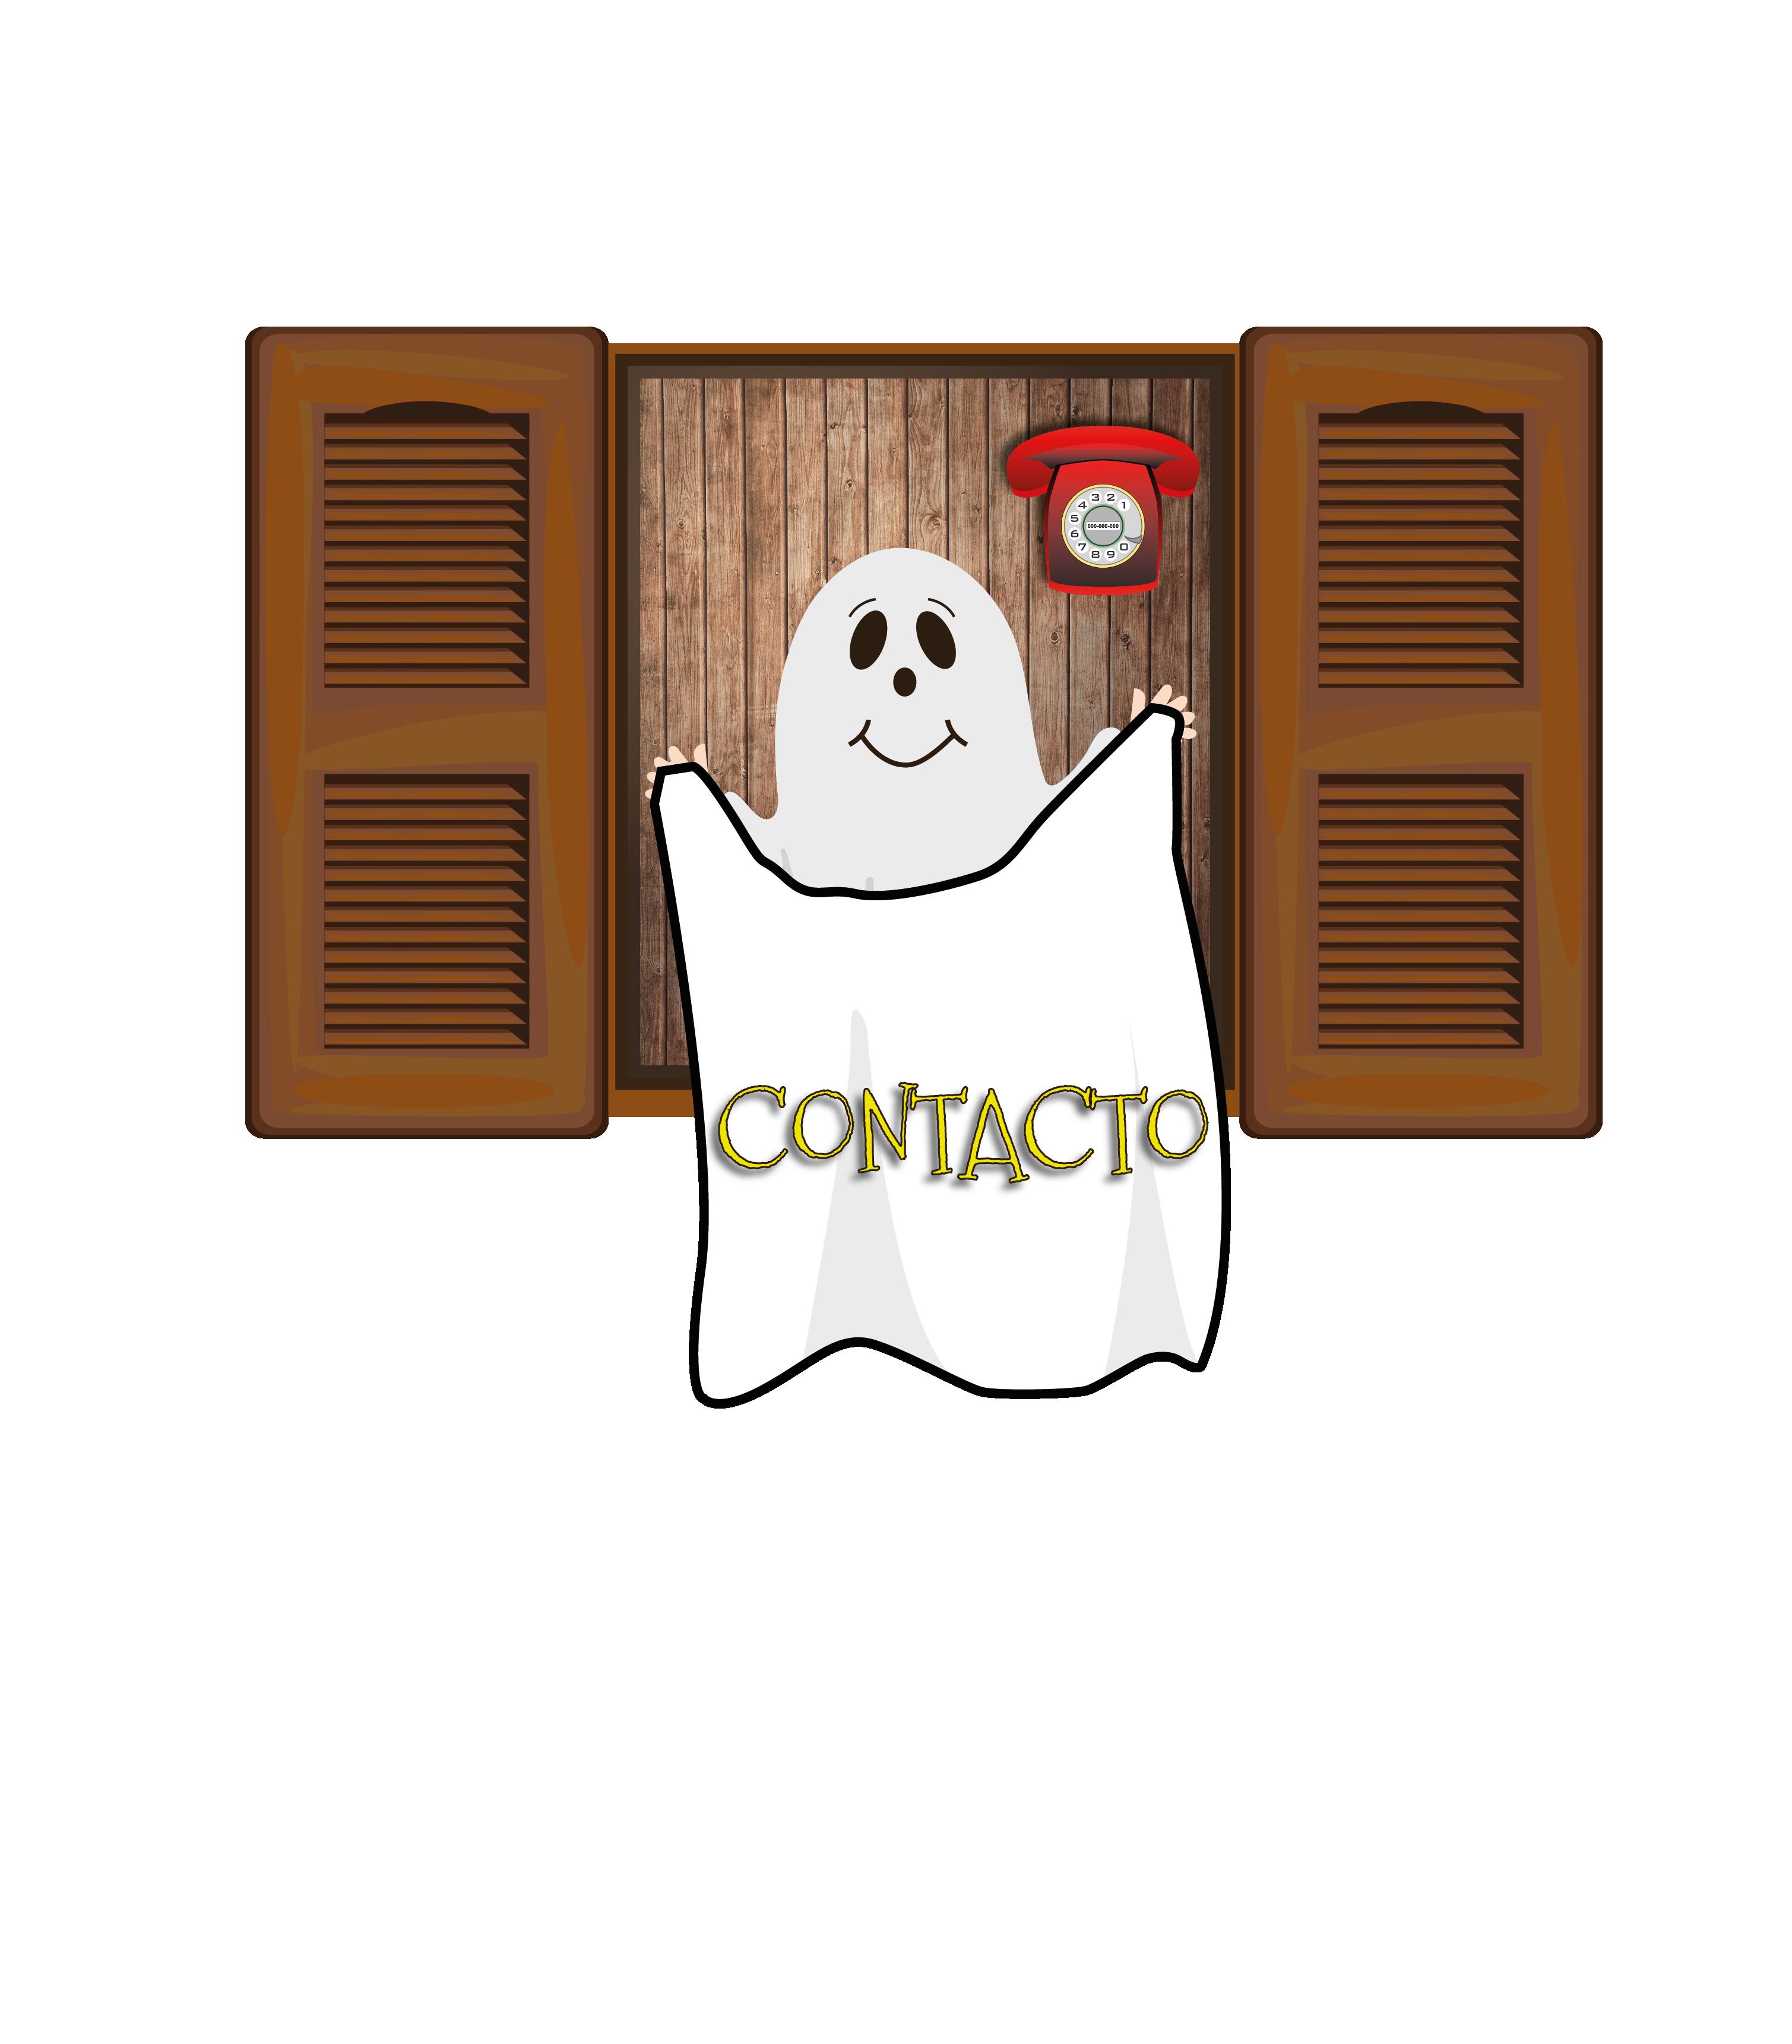 contacto la casa del fantasma